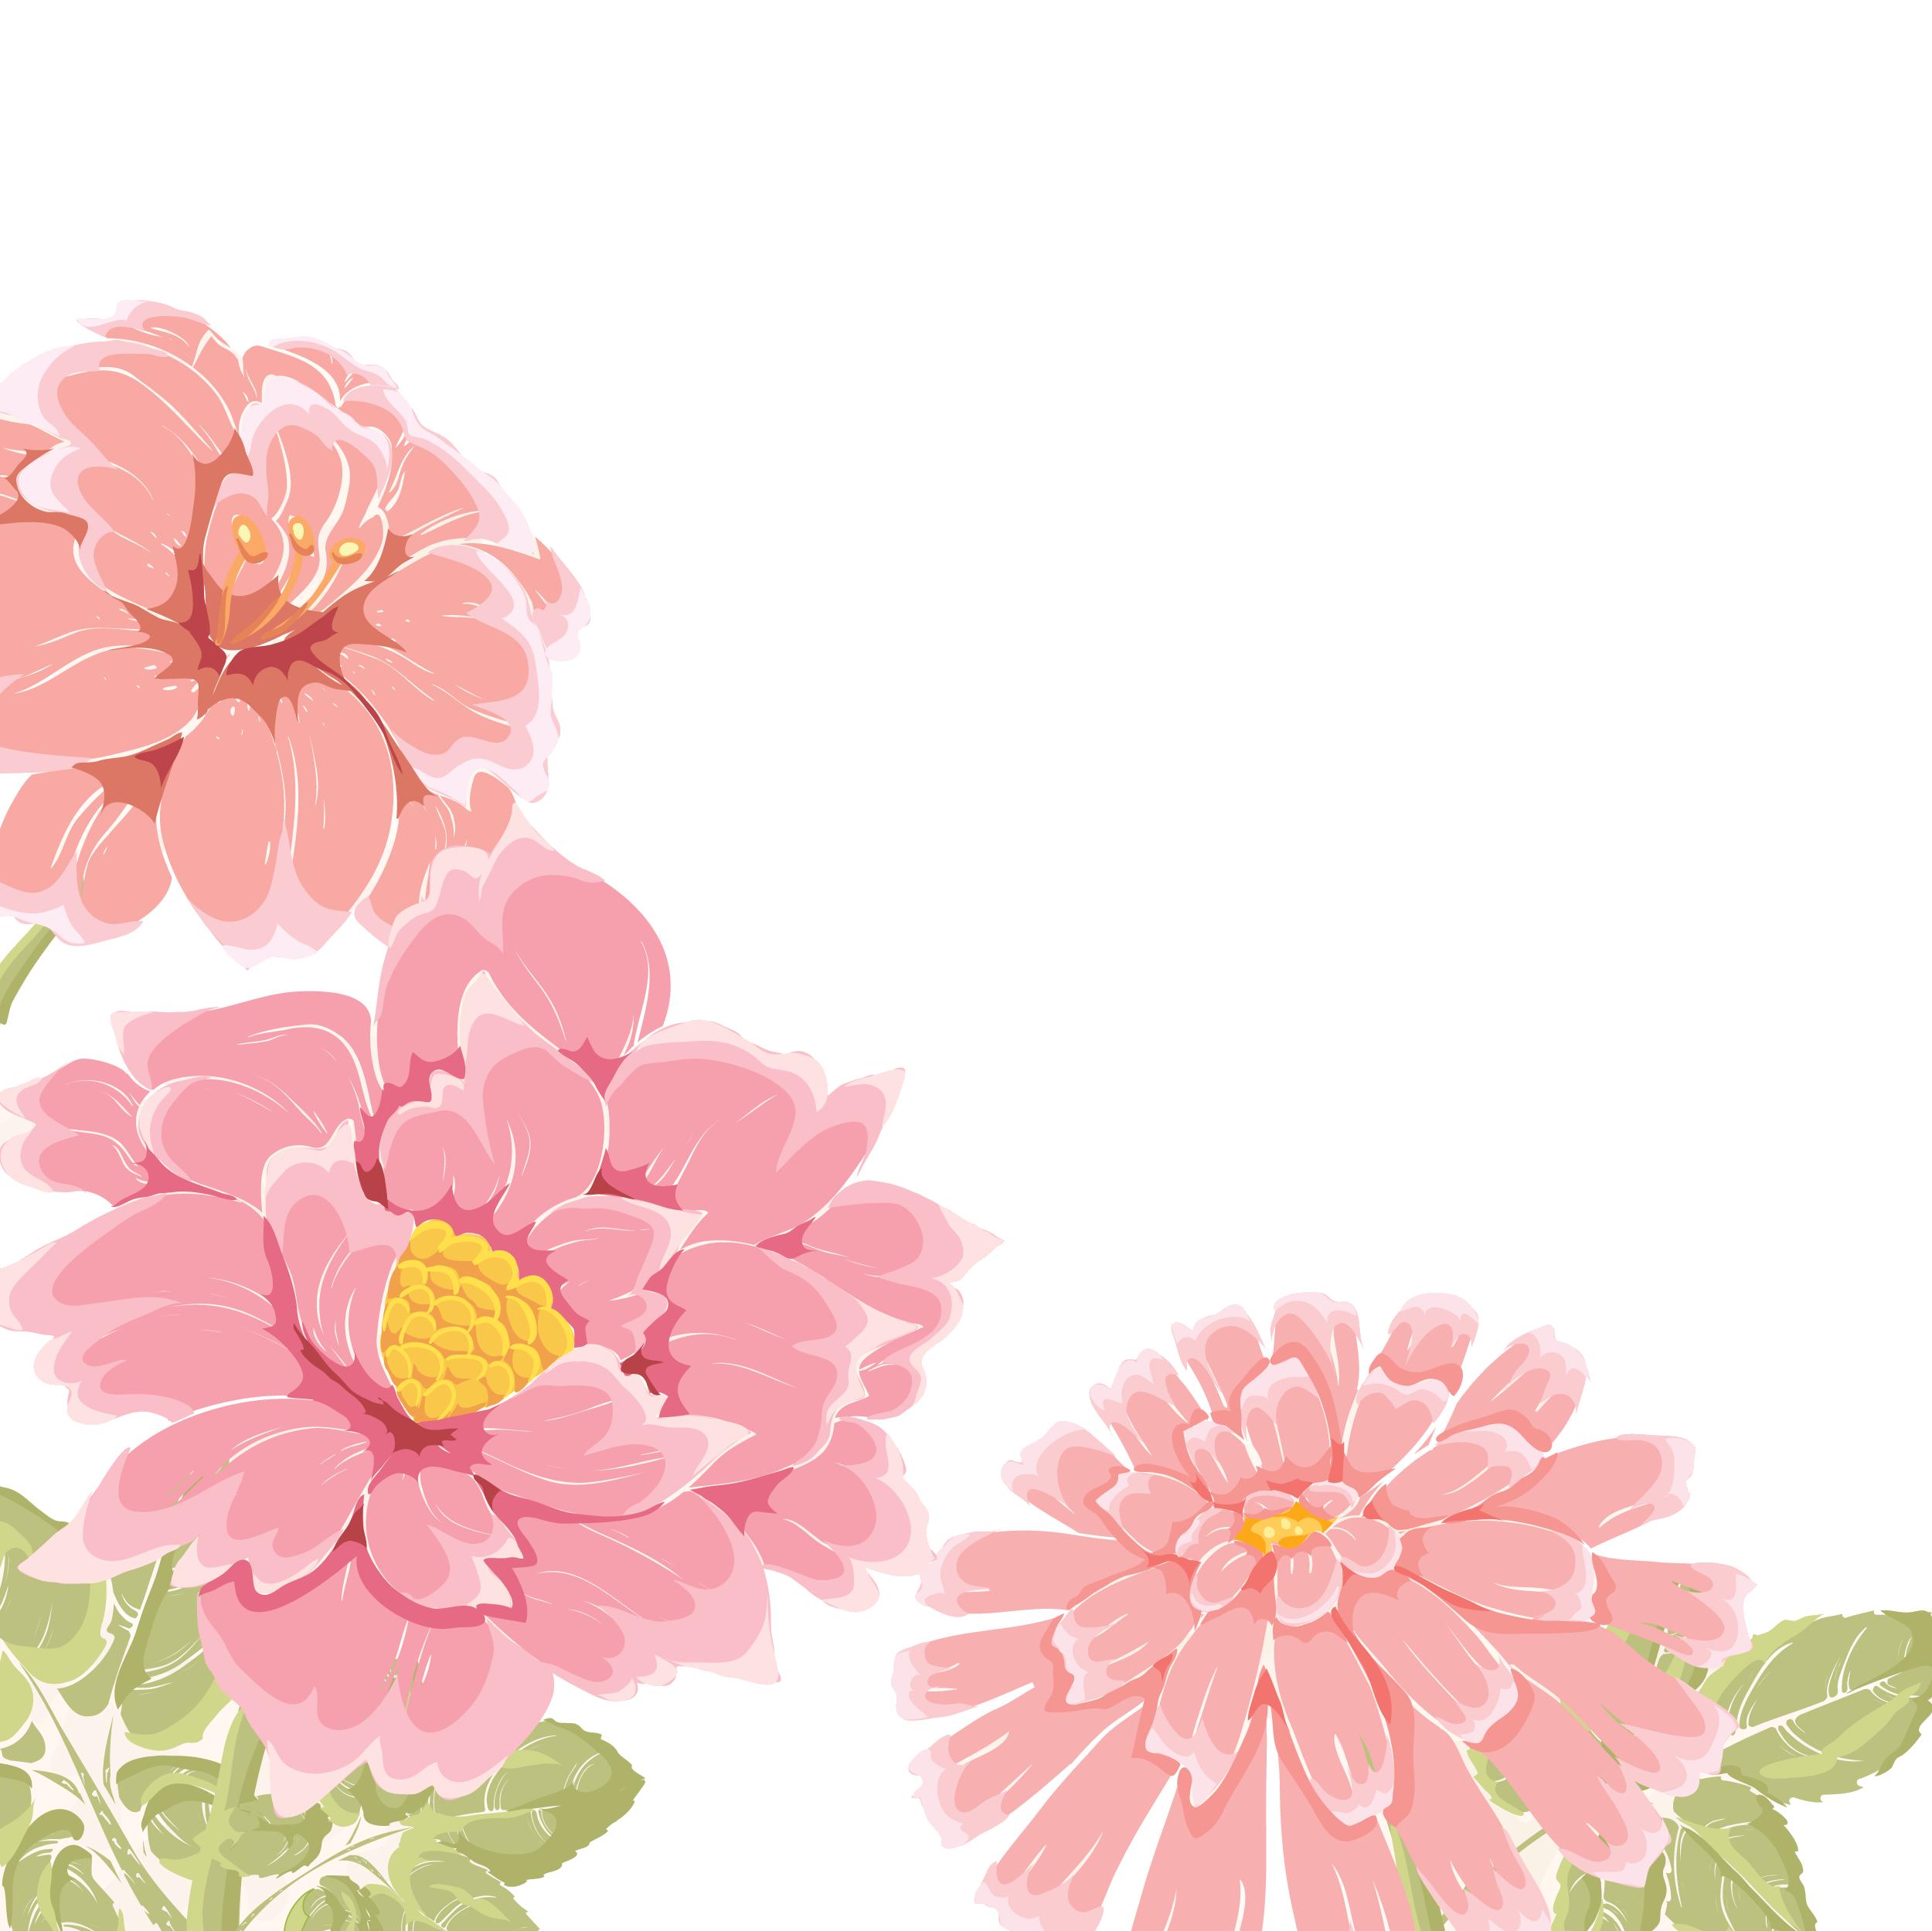 花のイラスト・フリー素材/壁紙・背景no.662『ピンクの花々・透過色』